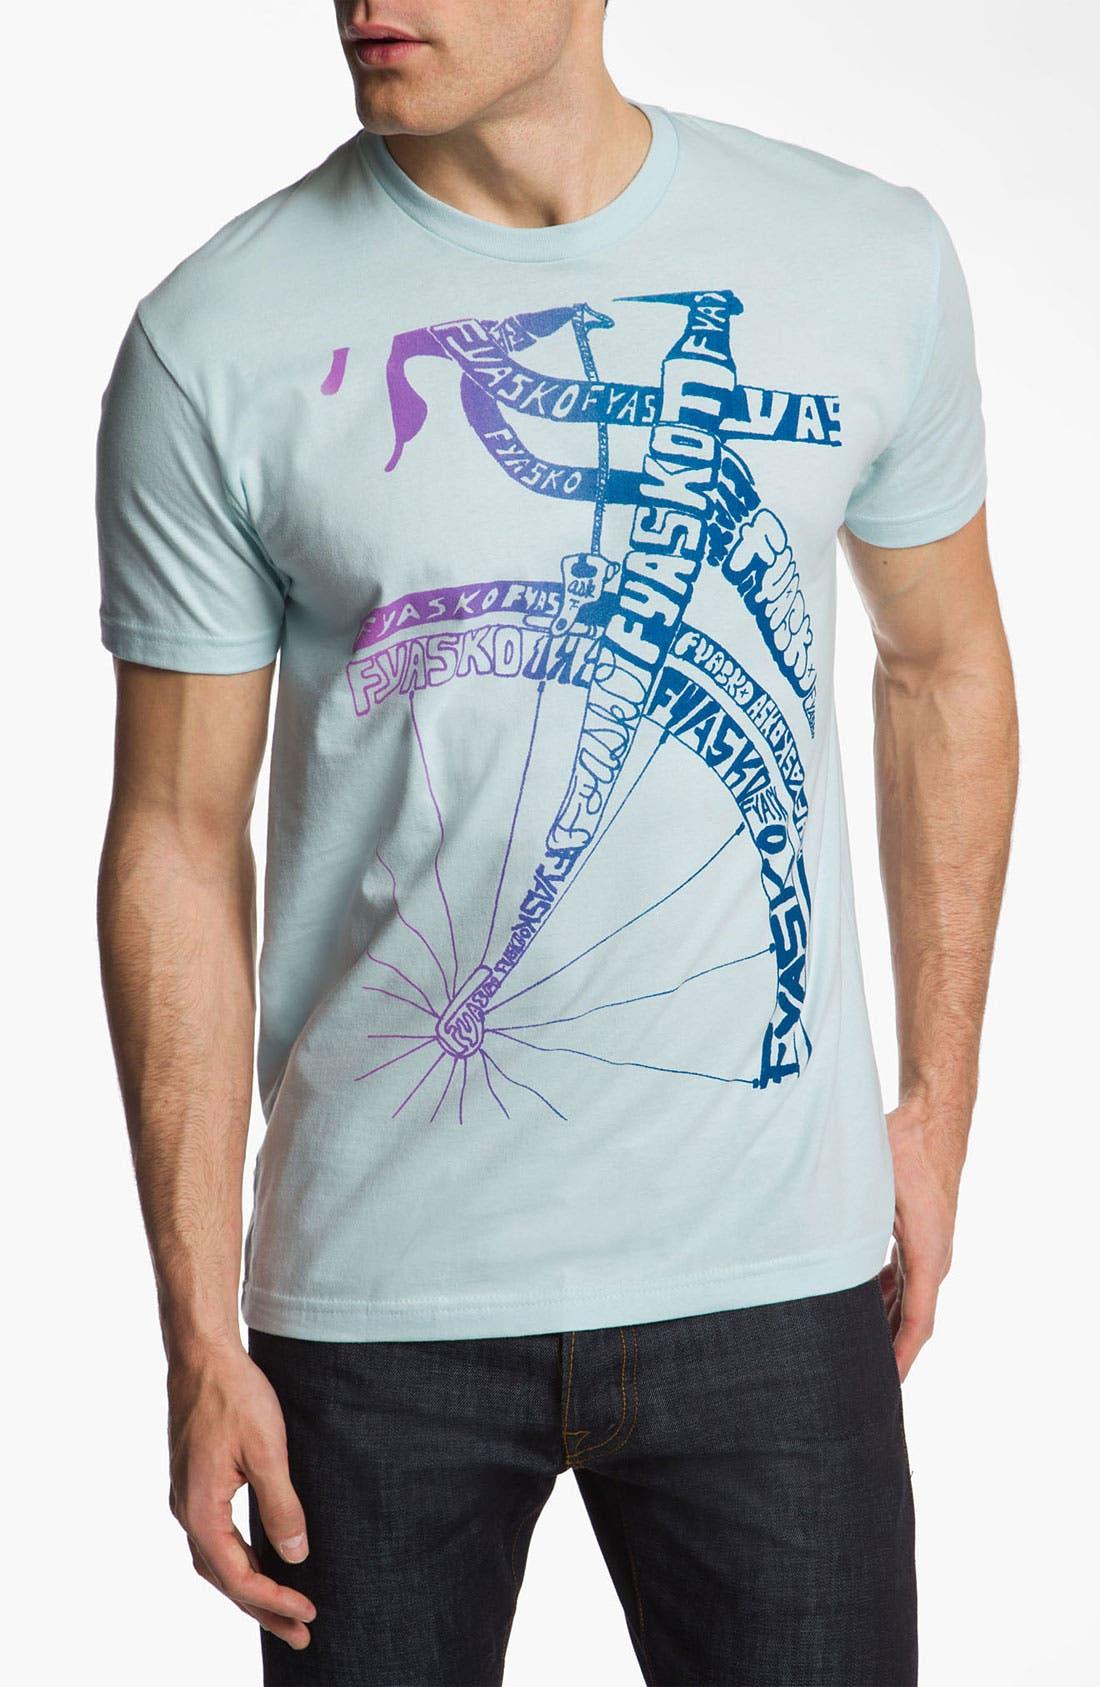 FYASKO 'Knew Stile' T-Shirt, Main, color, 450